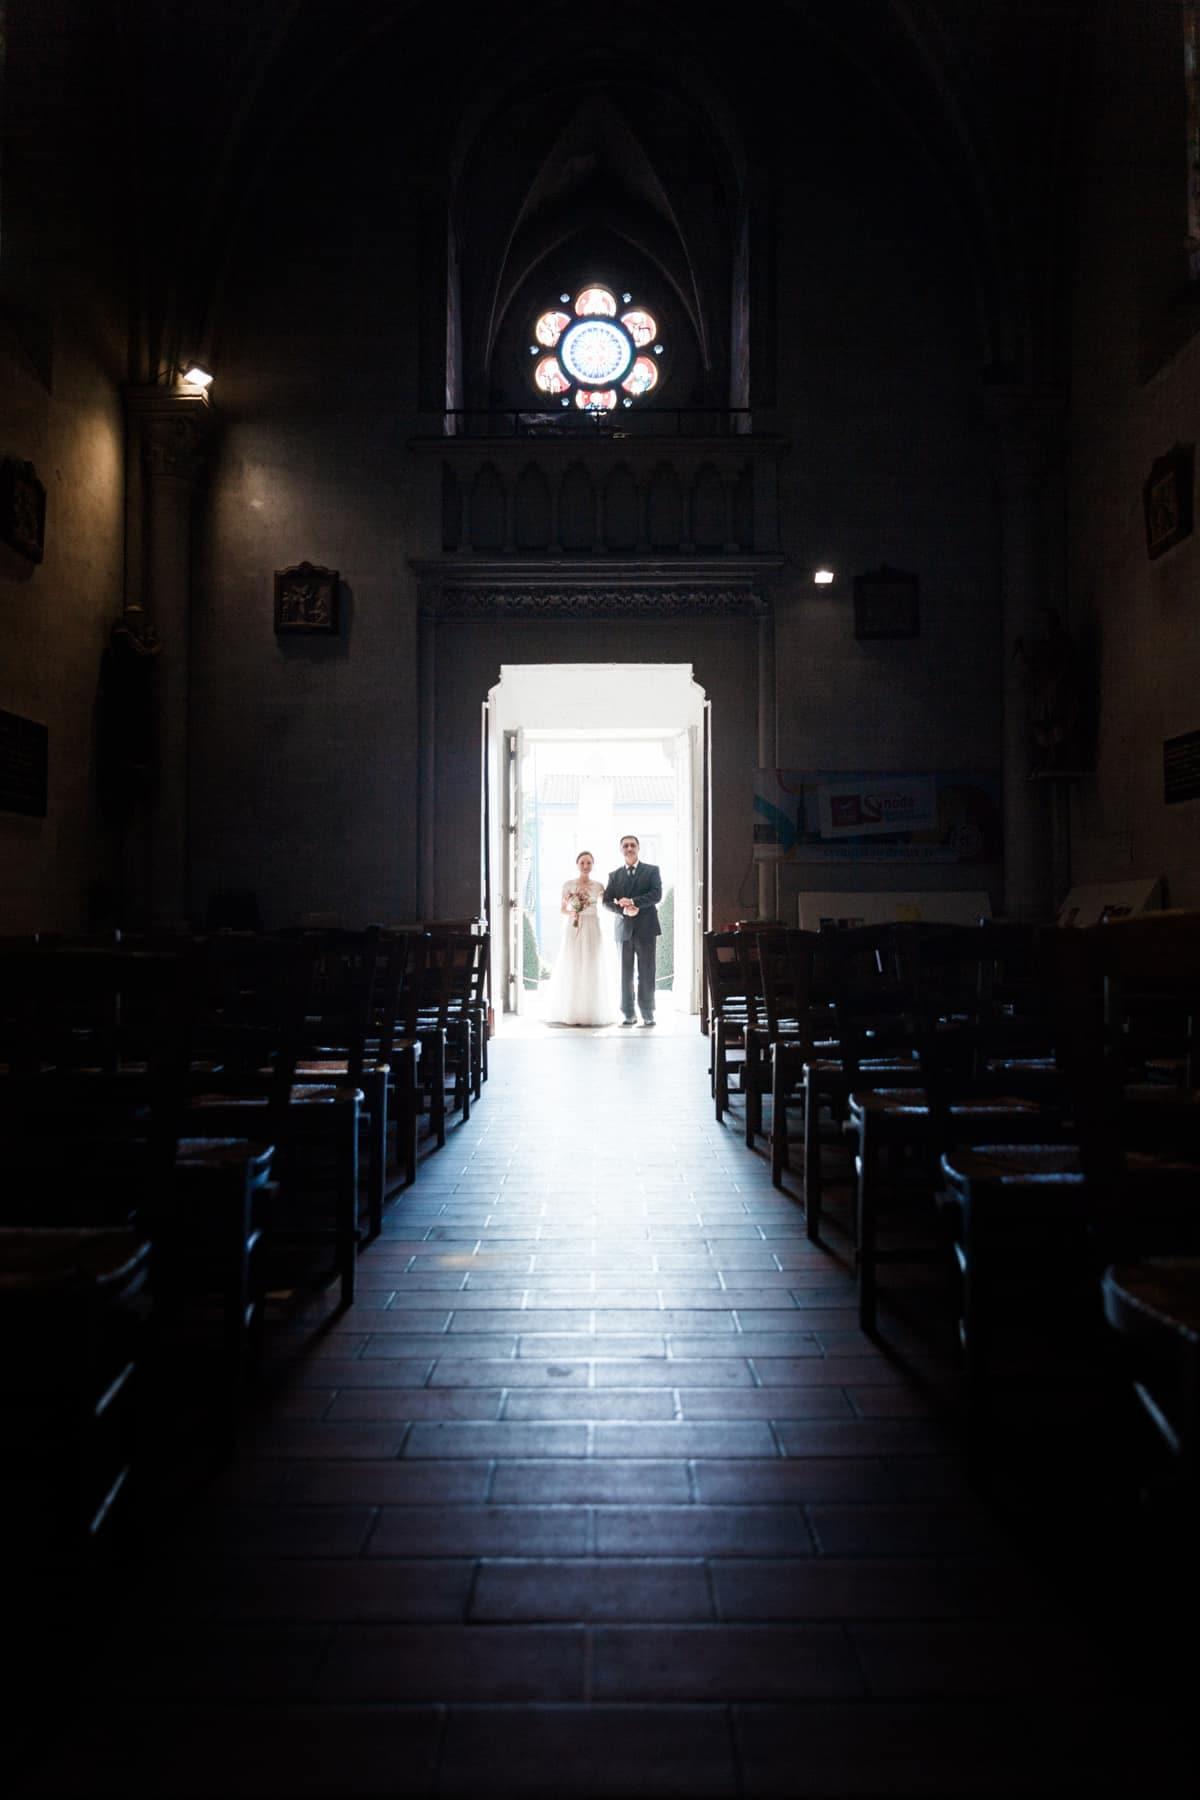 Photographe de mariage : entrée dans l'église de la mariée avec son papa